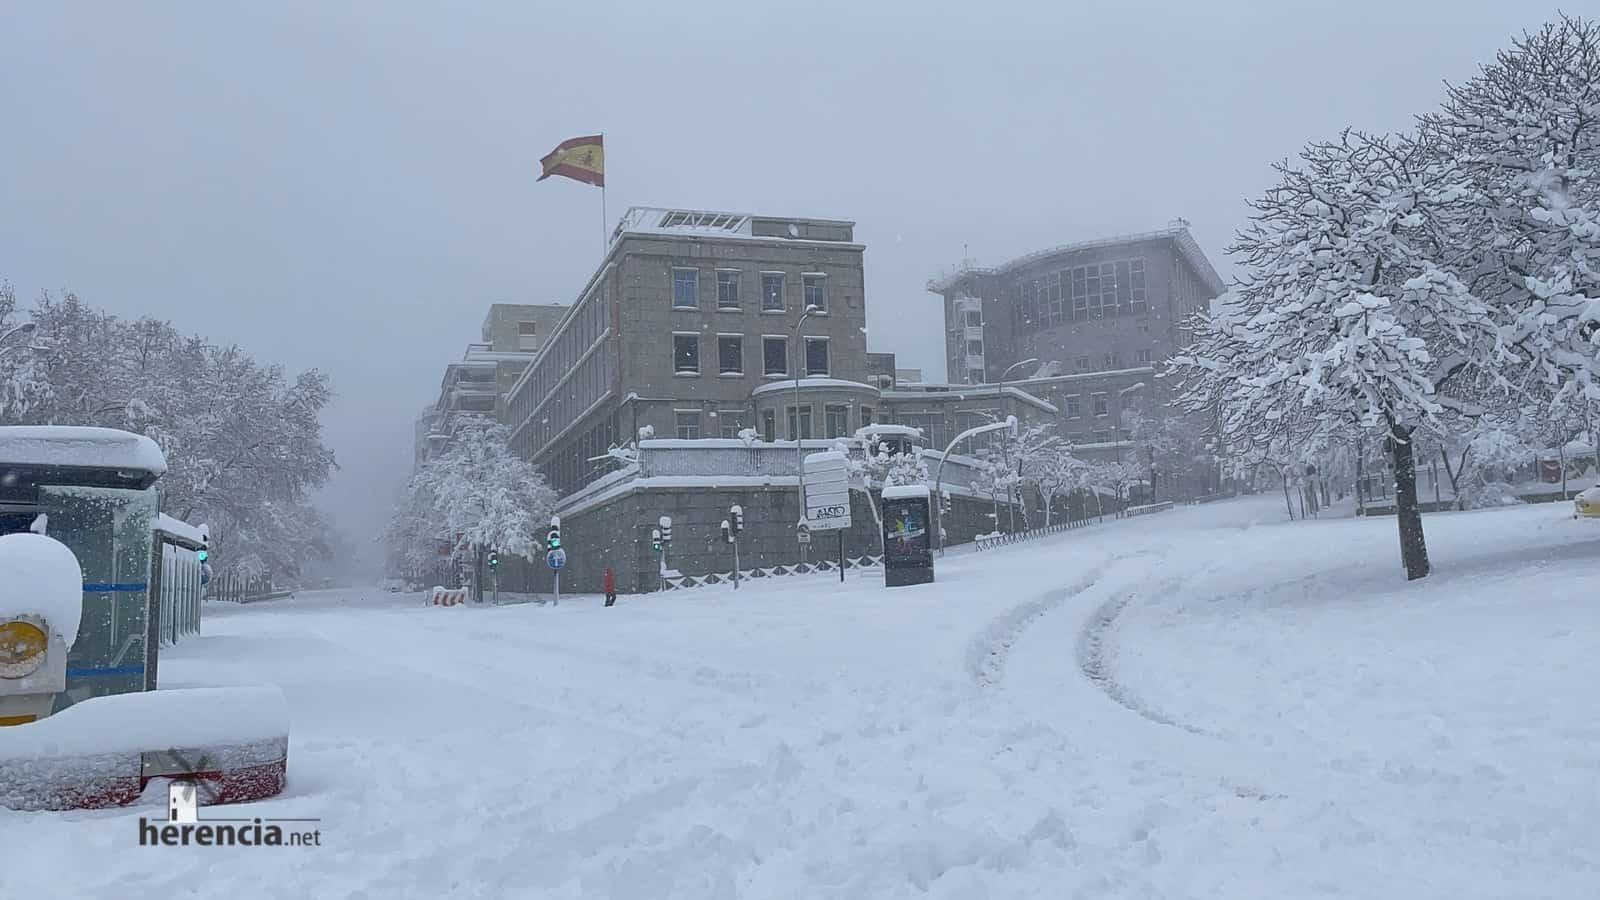 Fotografías de la nevada de enero en Madrid (España) 234